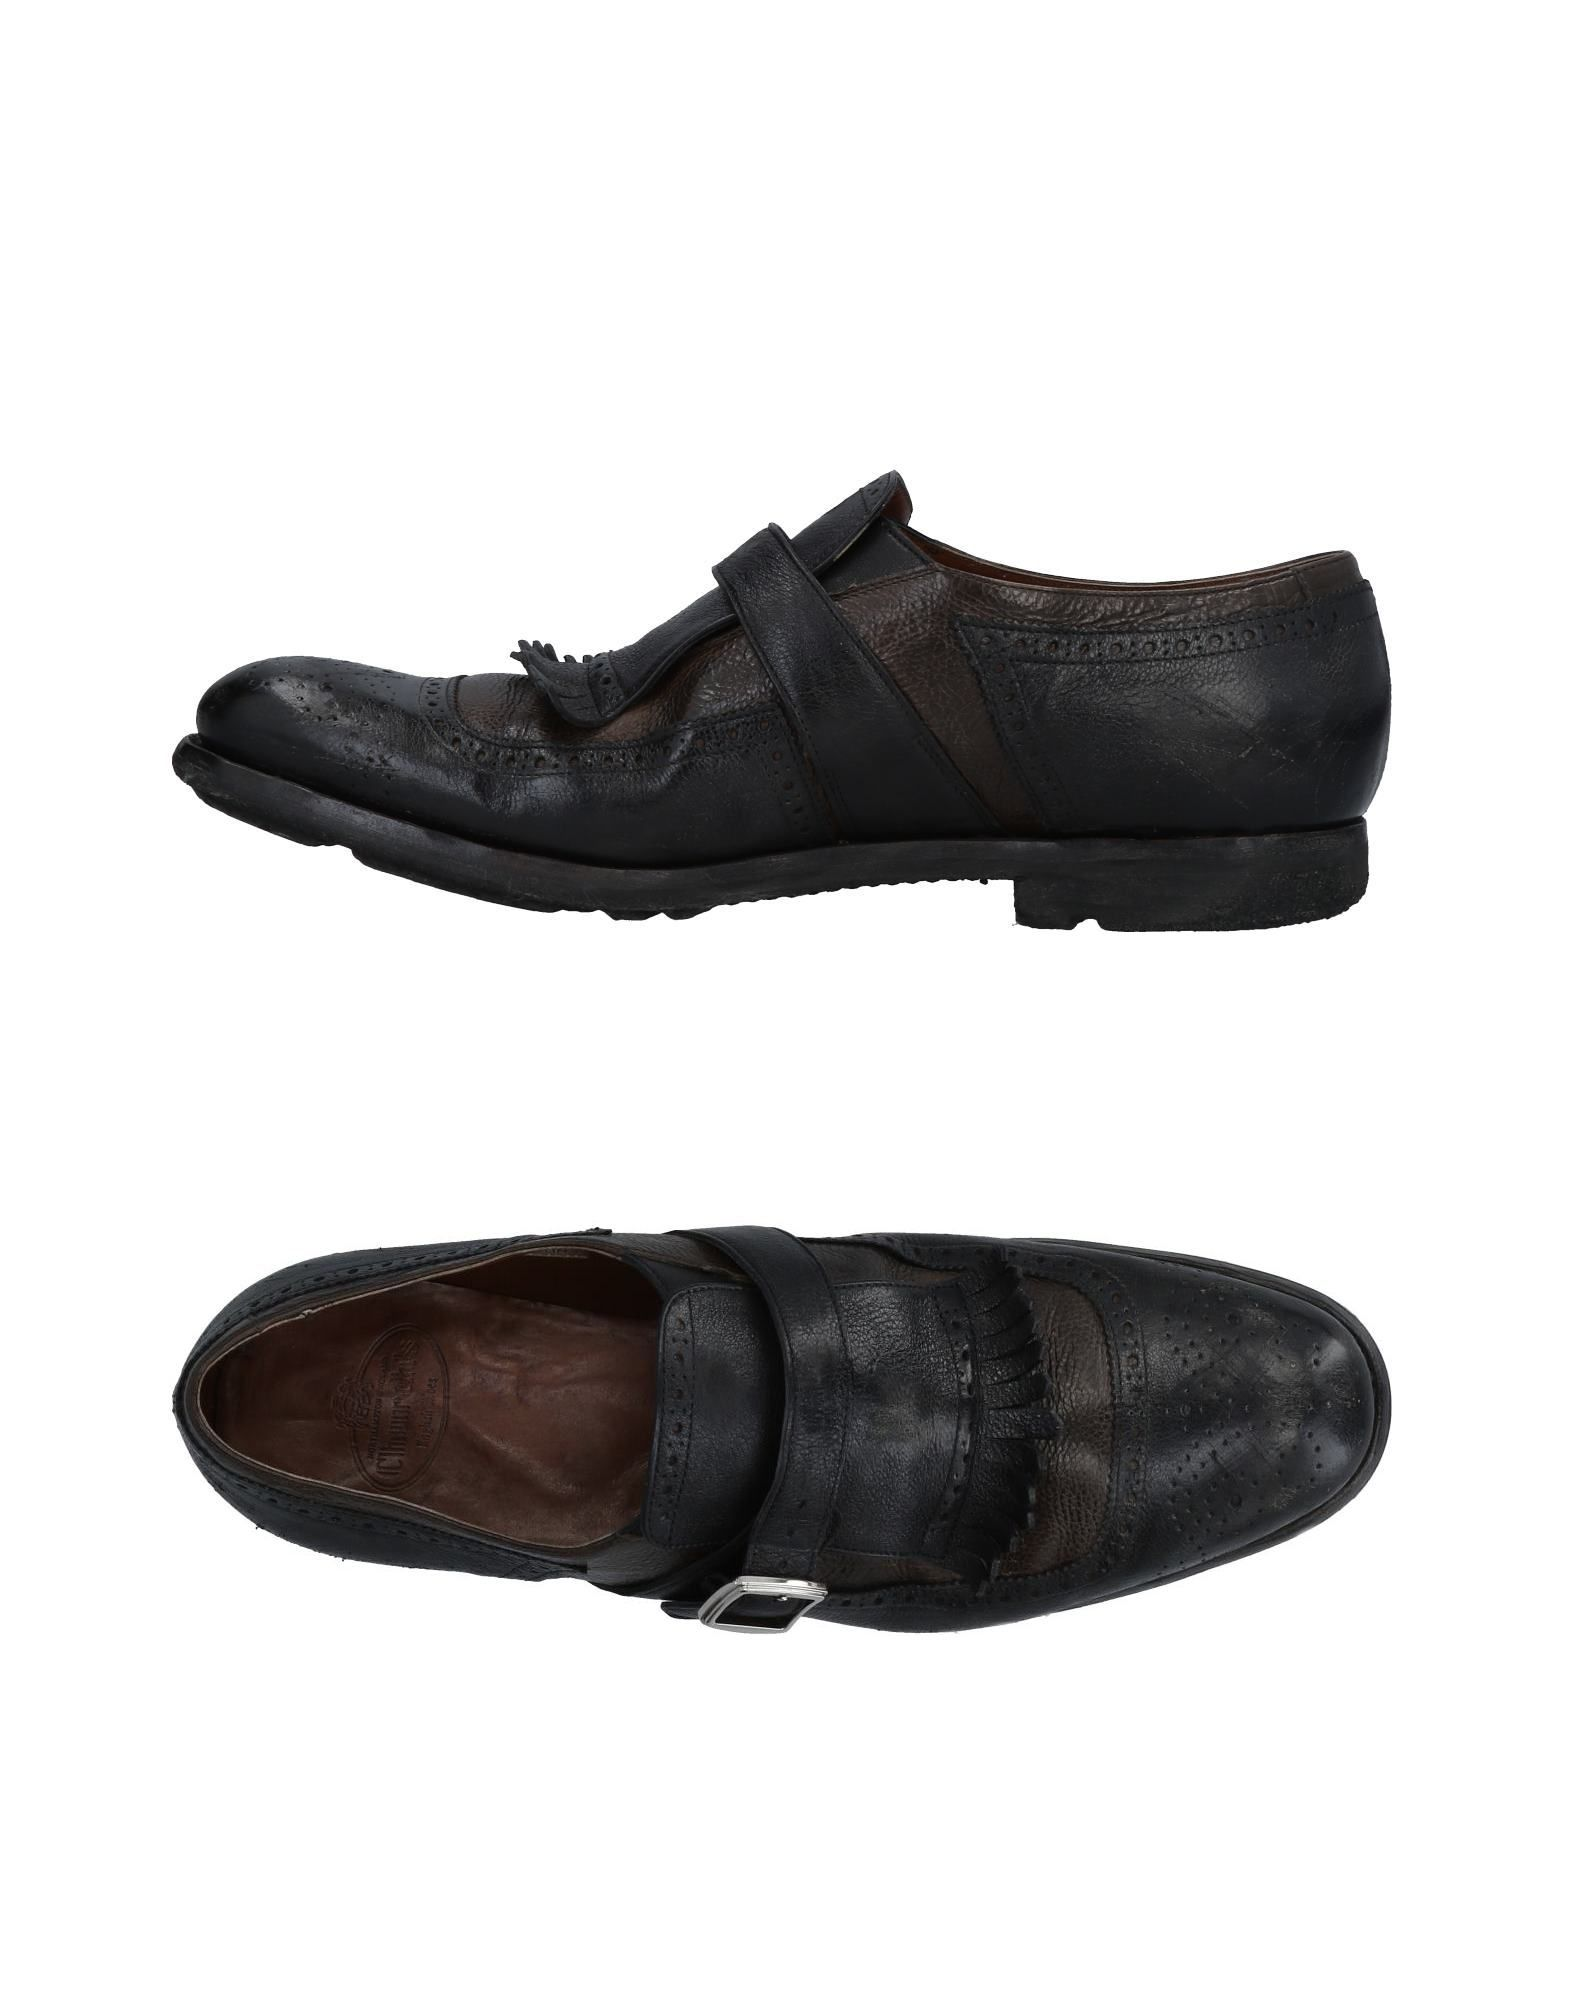 Church's Mokassins Qualität Herren  11369266MH Gute Qualität Mokassins beliebte Schuhe 62fec4